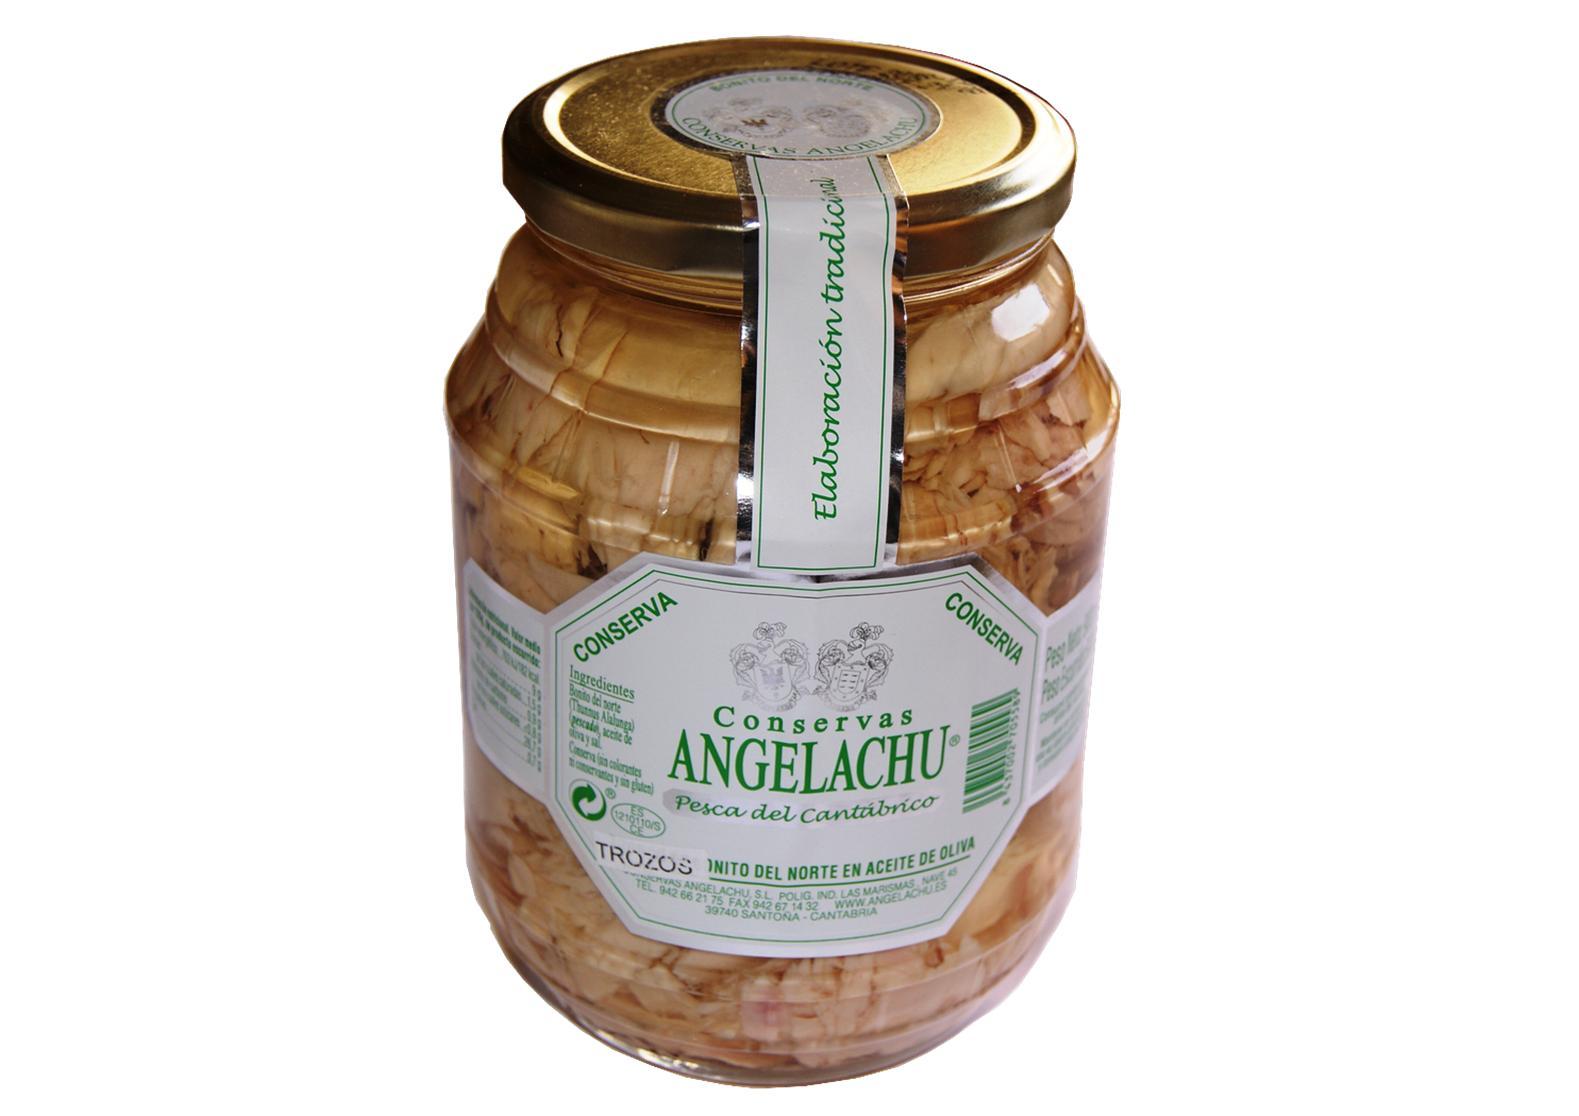 Thon bonito del norte en morceaux format familial - Angelachu - Conserves d'anchois de Santoña - Cantabrie